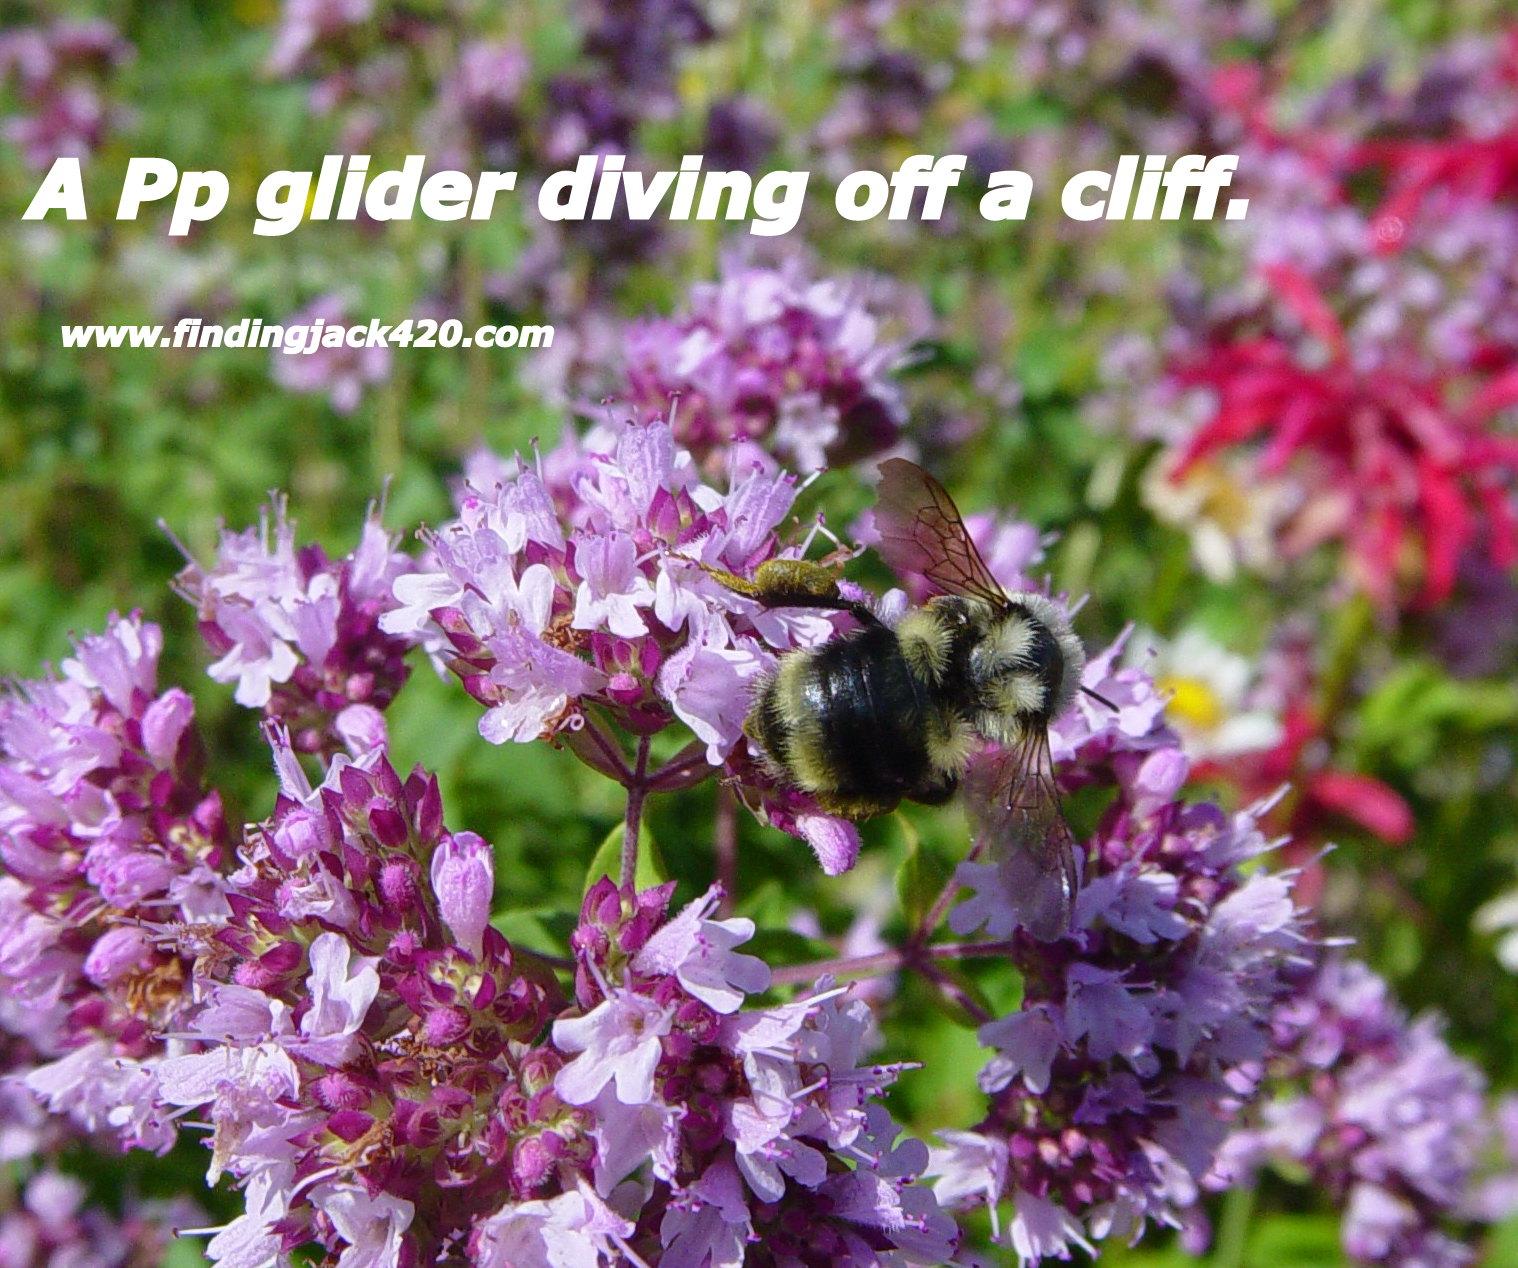 1-A Hanglider running off a Cliff.jpg